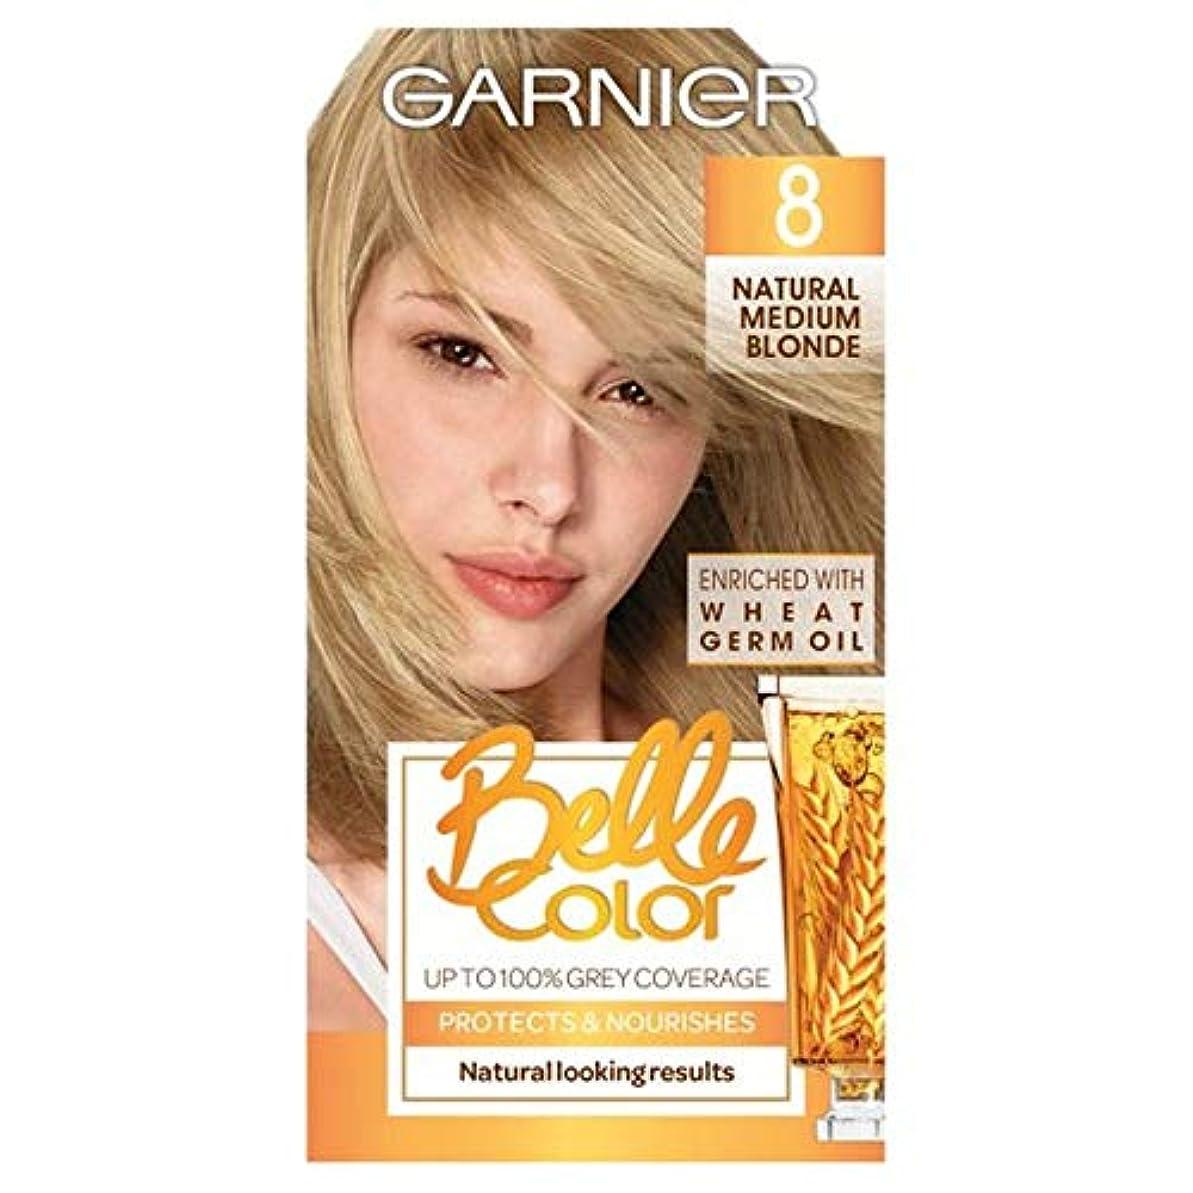 報酬の上流のマナー[Belle Color ] ガーン/ベル/Clr 8天然培地ブロンドパーマネントヘアダイ - Garn/Bel/Clr 8 Natural Medium Blonde Permanent Hair Dye [並行輸入品]